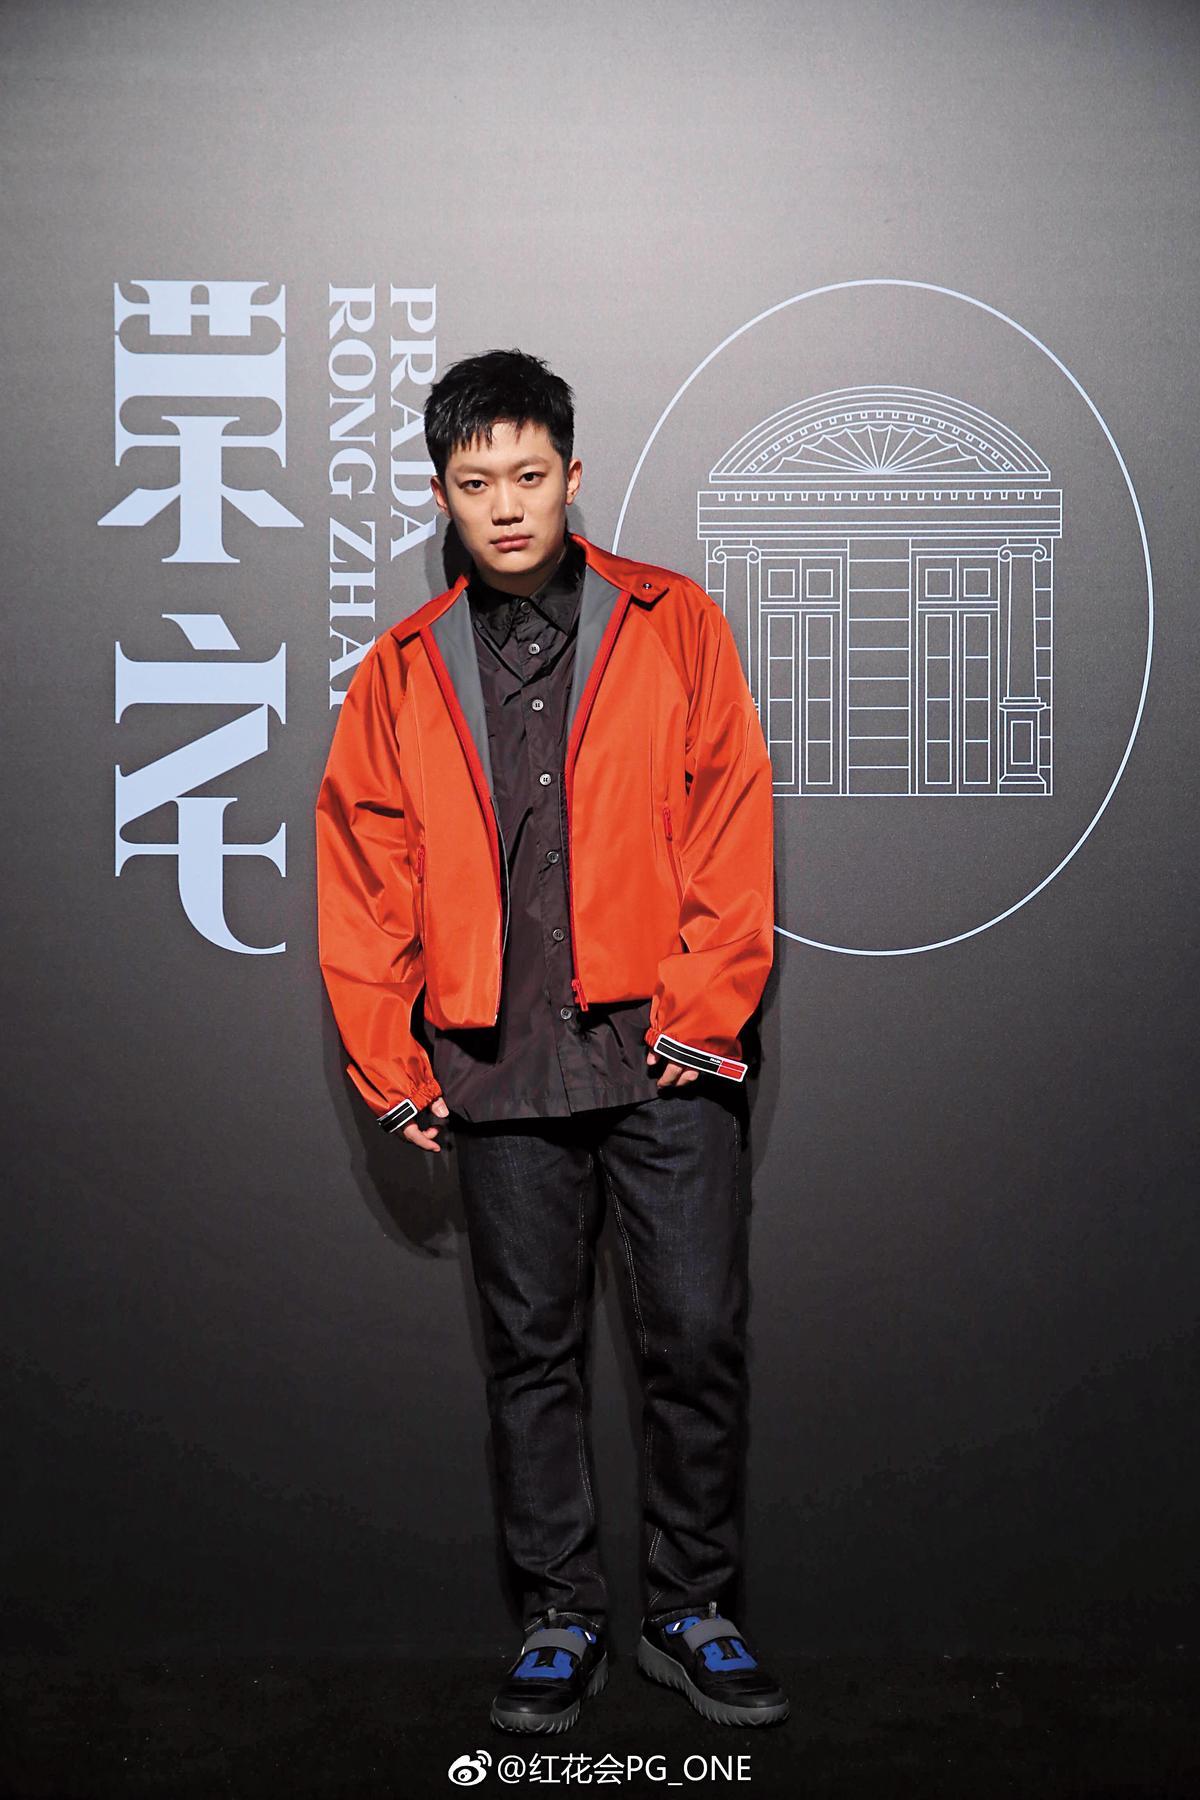 中國歌手PG ONE被爆出與好友賈乃亮的愛妻李小璐過夜。